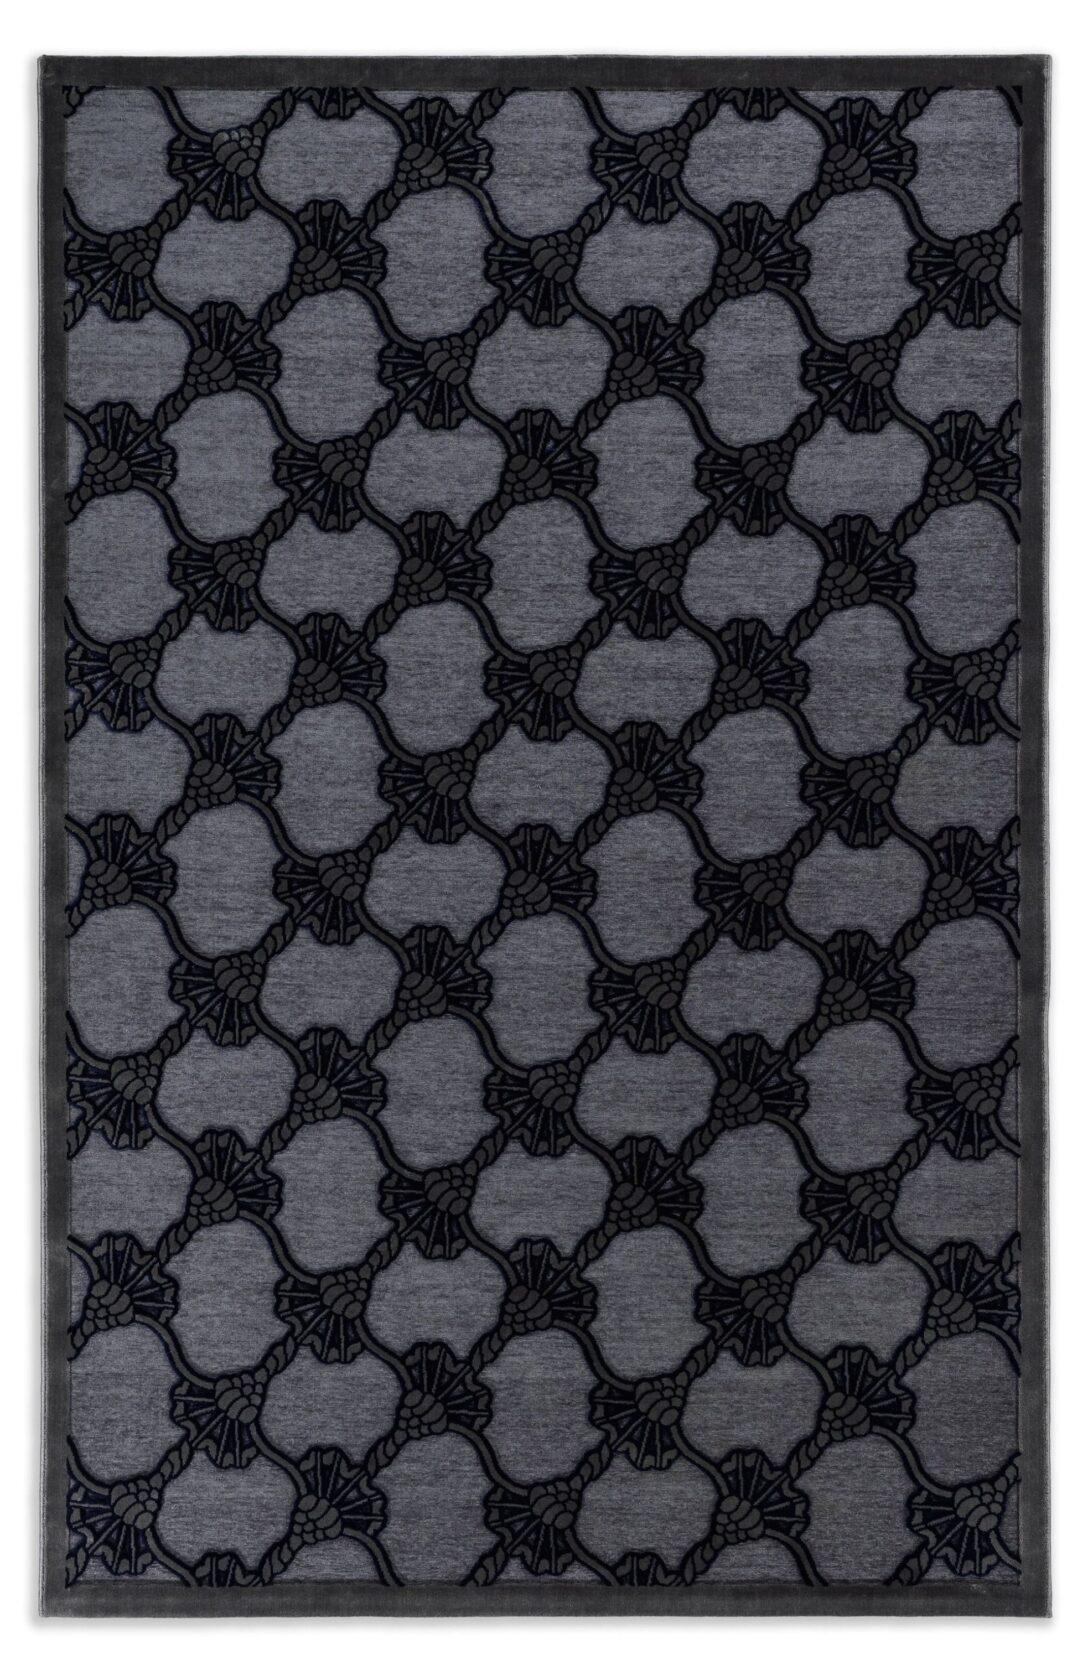 Large Size of Teppich Joop Pattern Designer Teppiche Fumatten Wohnzimmer Badezimmer Steinteppich Bad Für Küche Schlafzimmer Esstisch Betten Wohnzimmer Teppich Joop